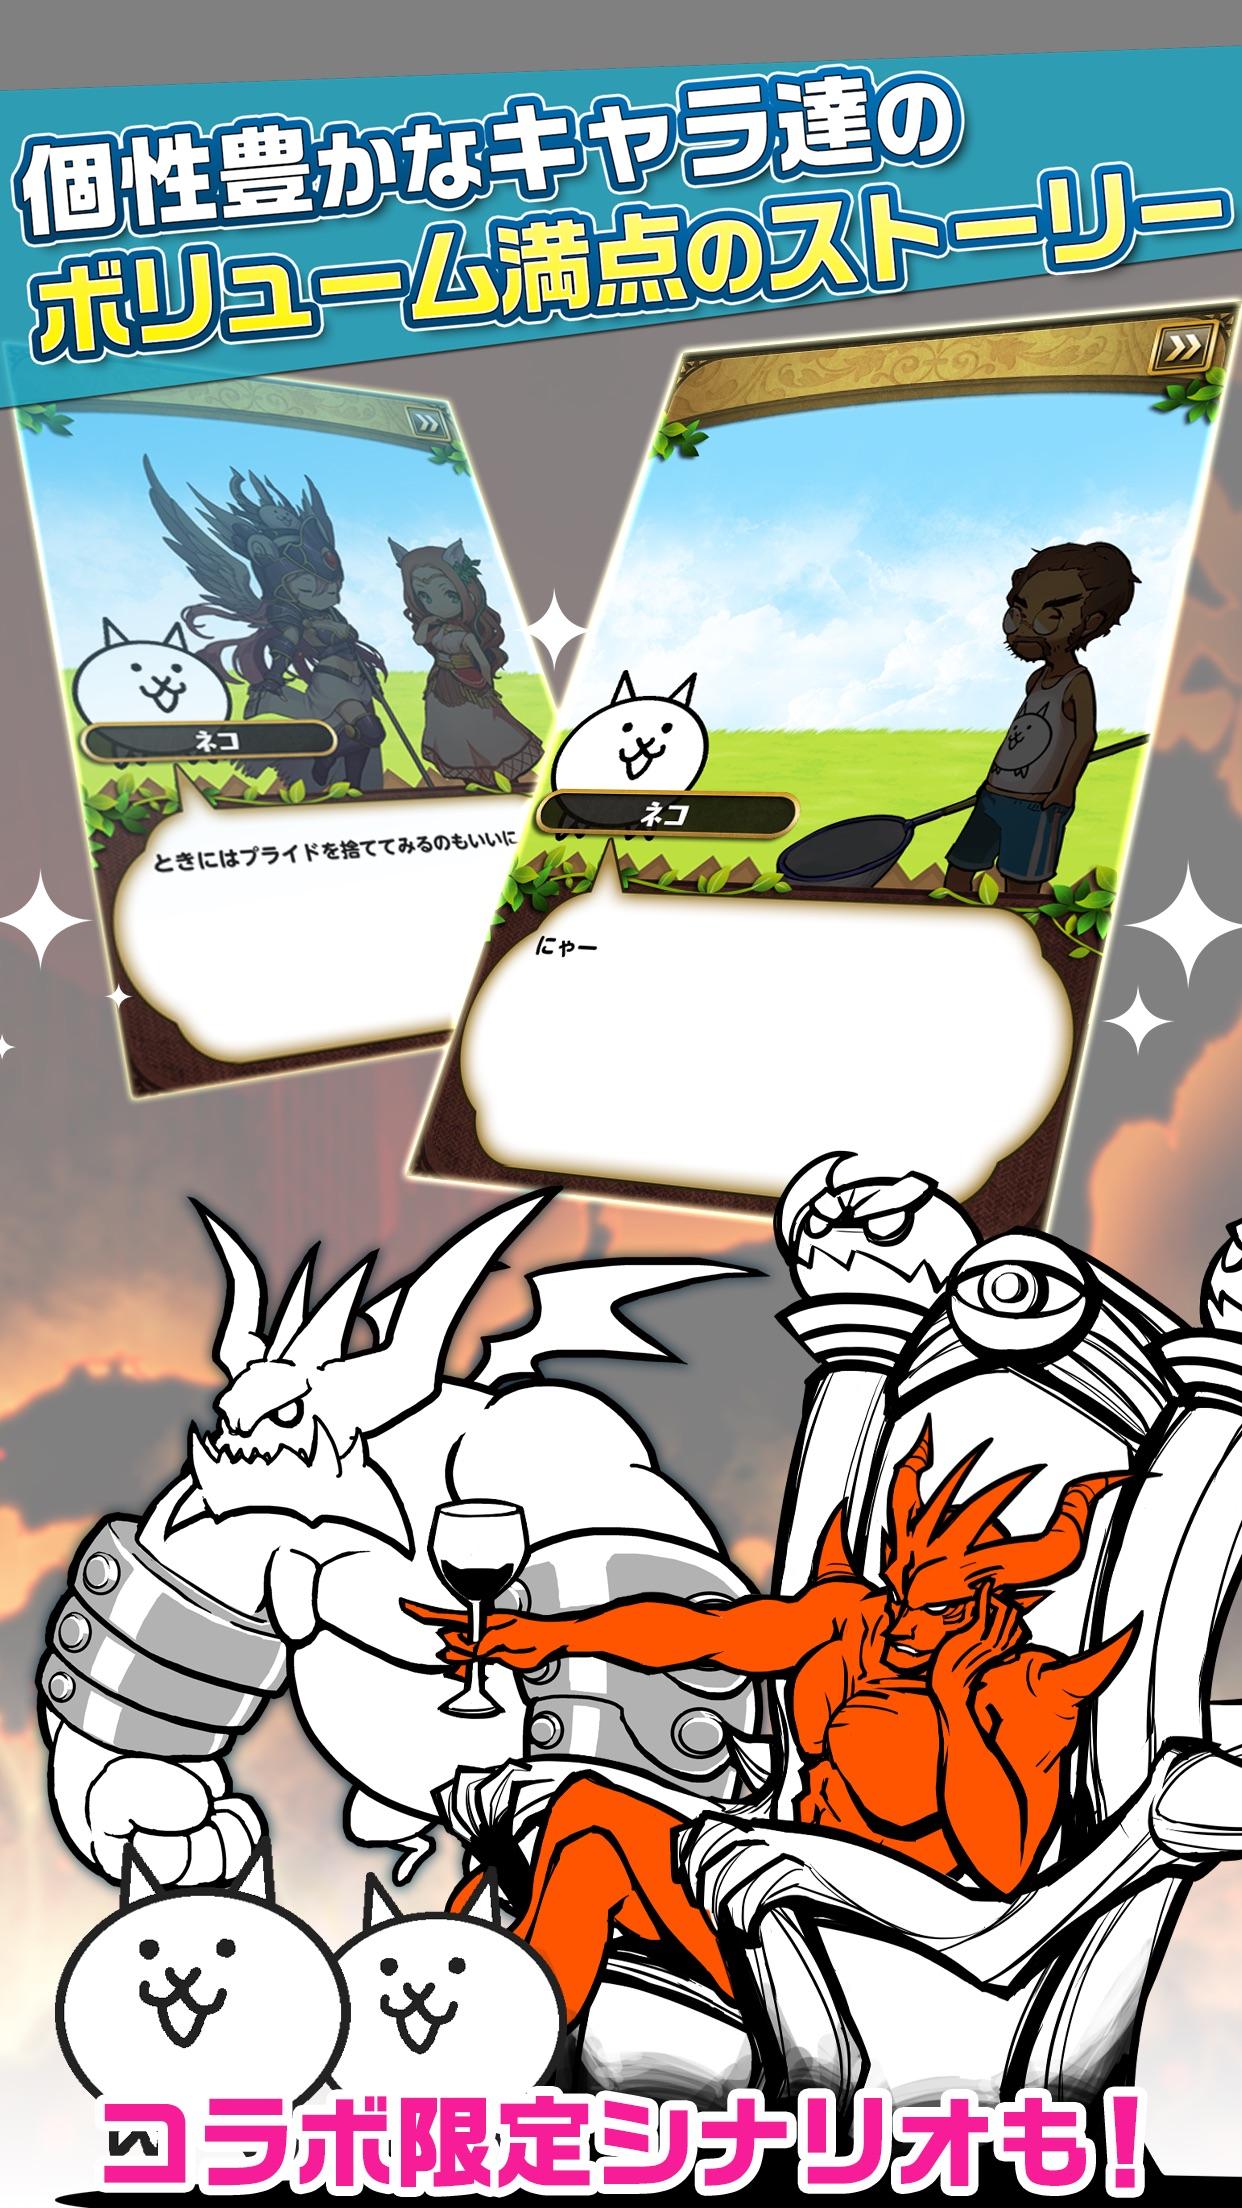 ゆるドラシル -本格派神話RPG- Screenshot